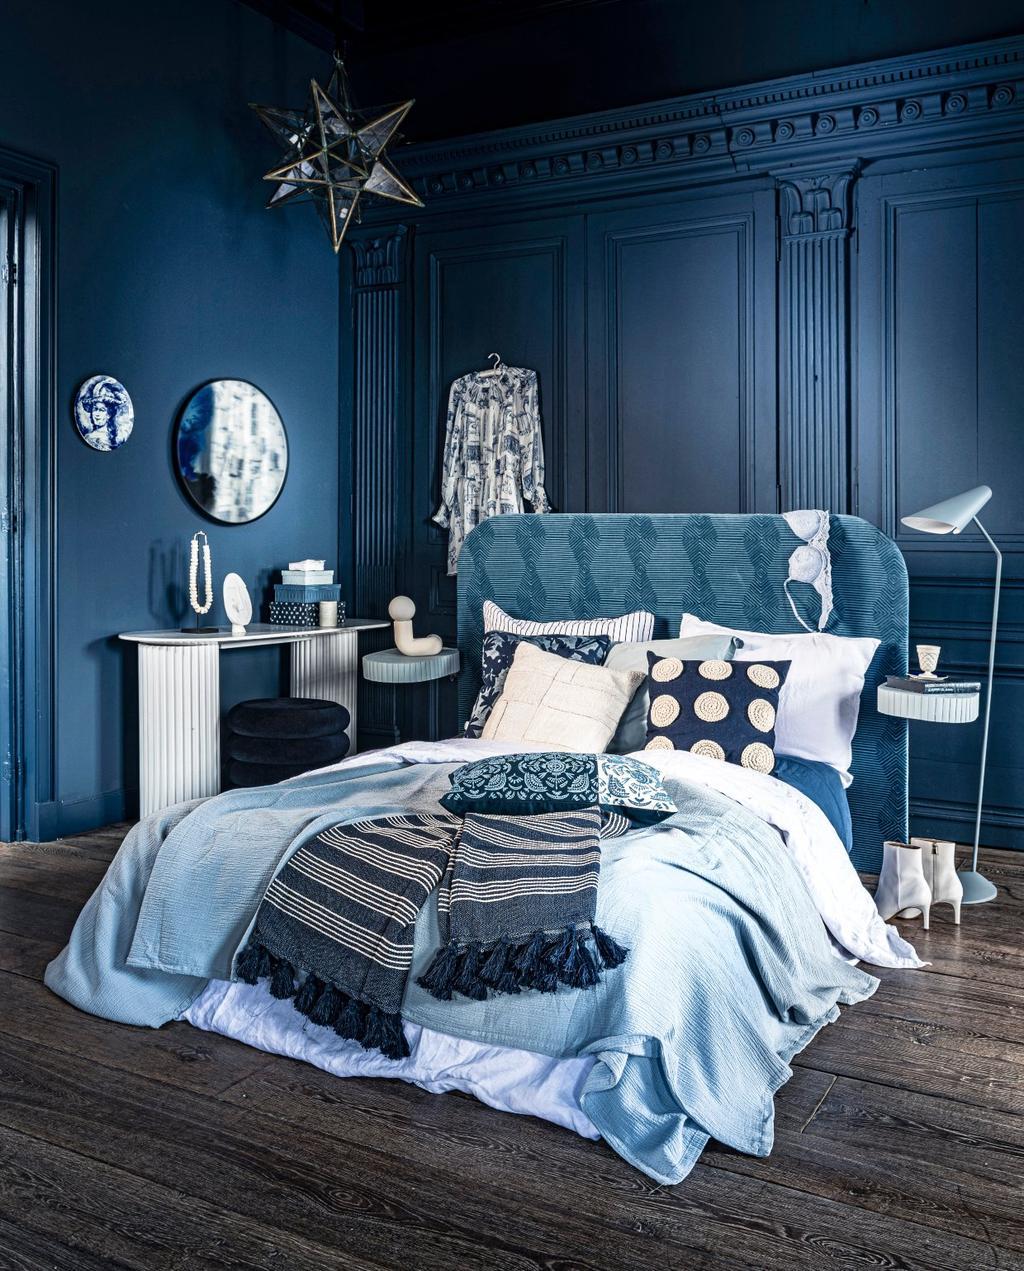 vtwonen 07-2020 | styling blauw slaapkamer met blauw bed